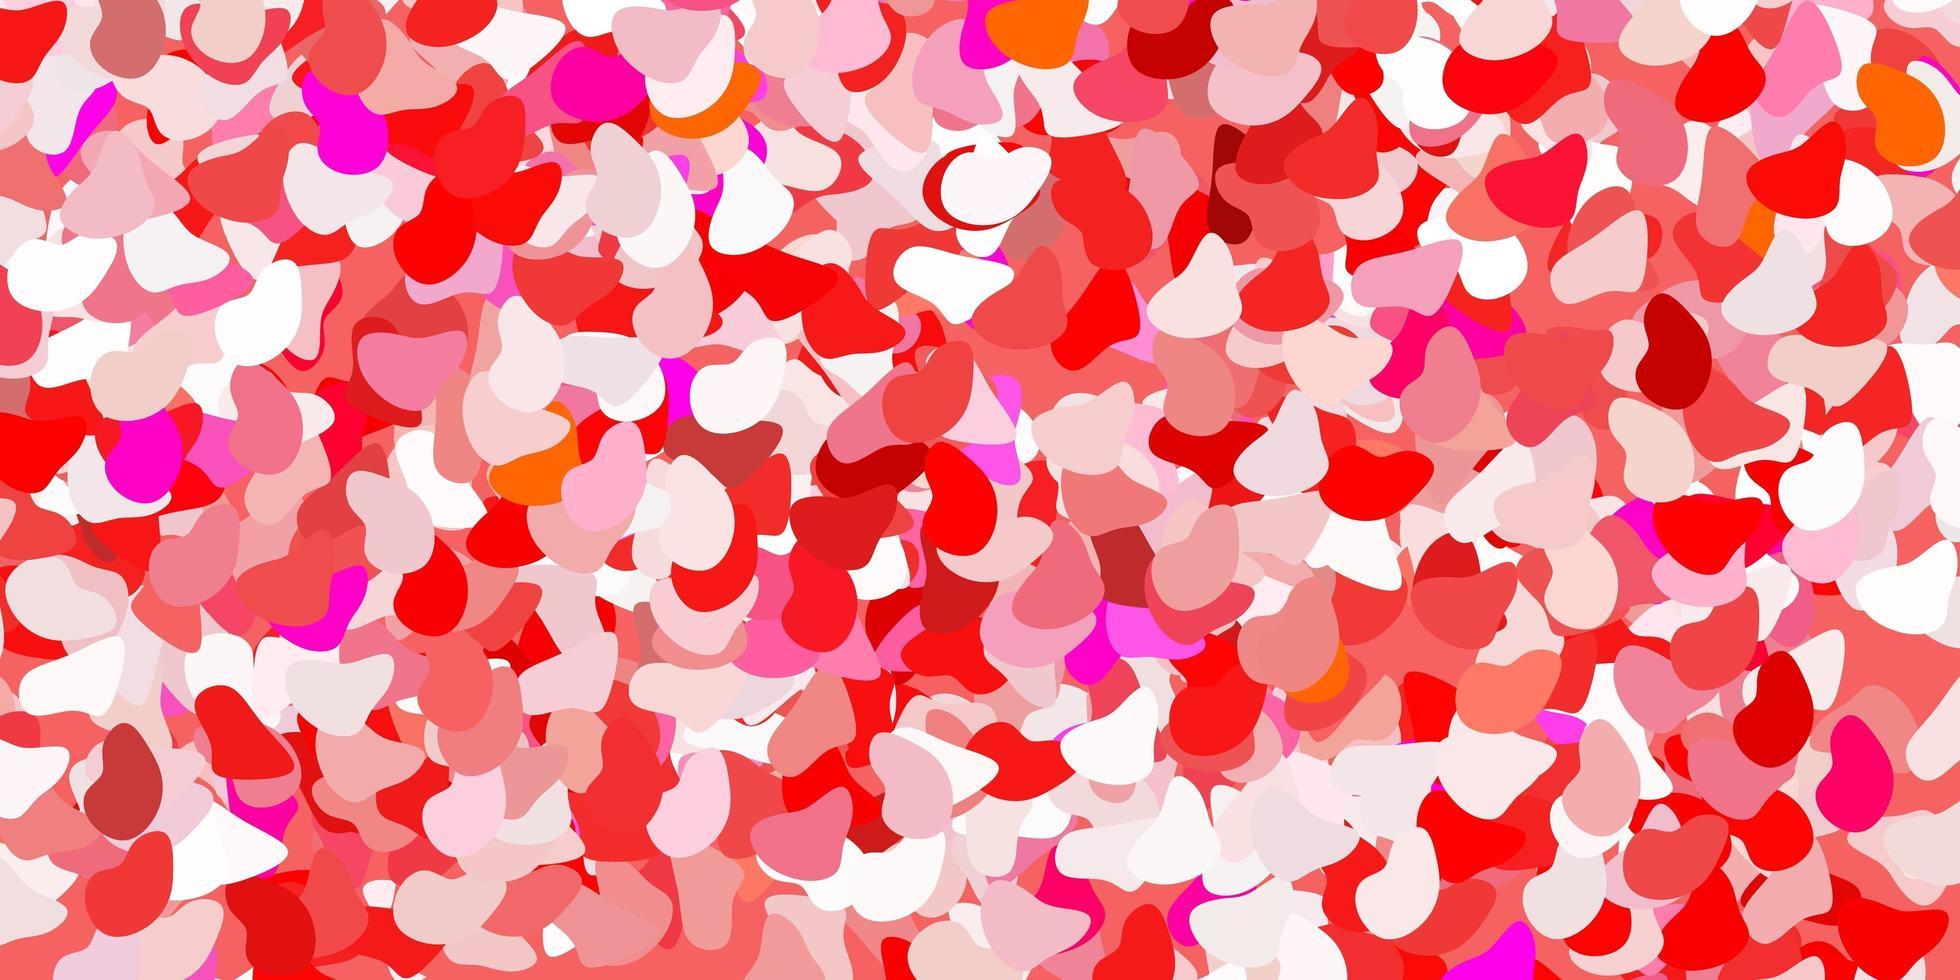 ljusrött mönster med abstrakta former. vektor